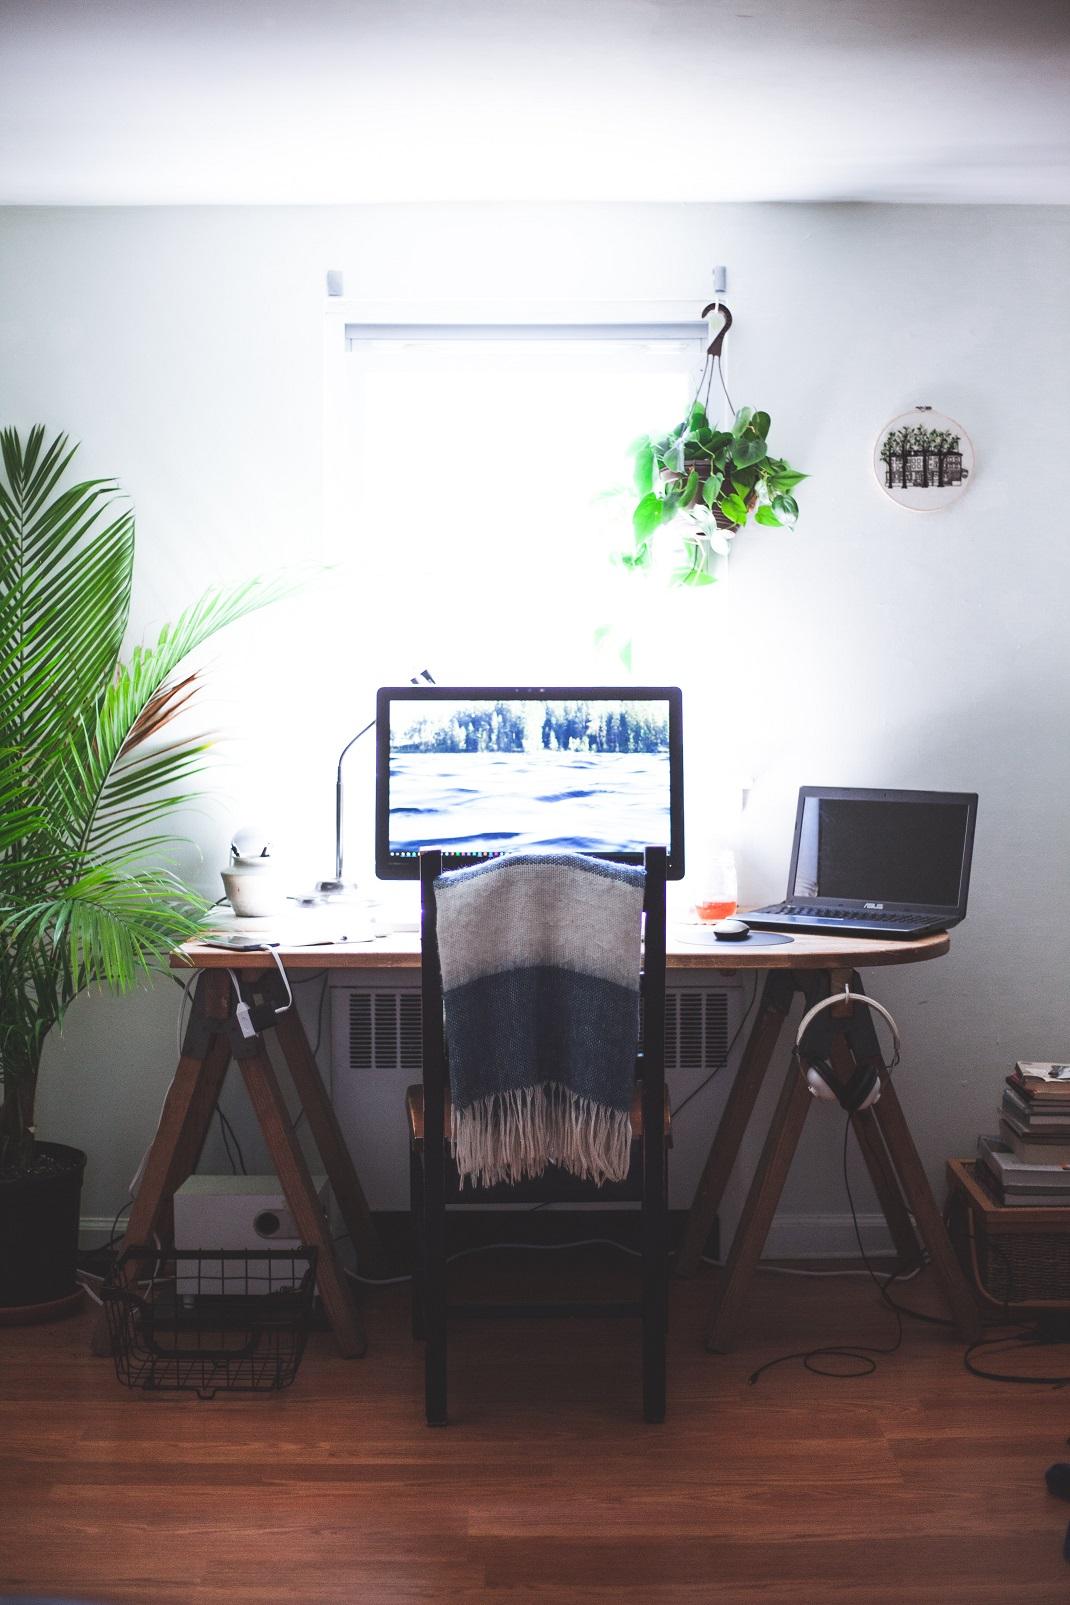 υπολογιστής πάνω σε γραφείο με καρέκλα